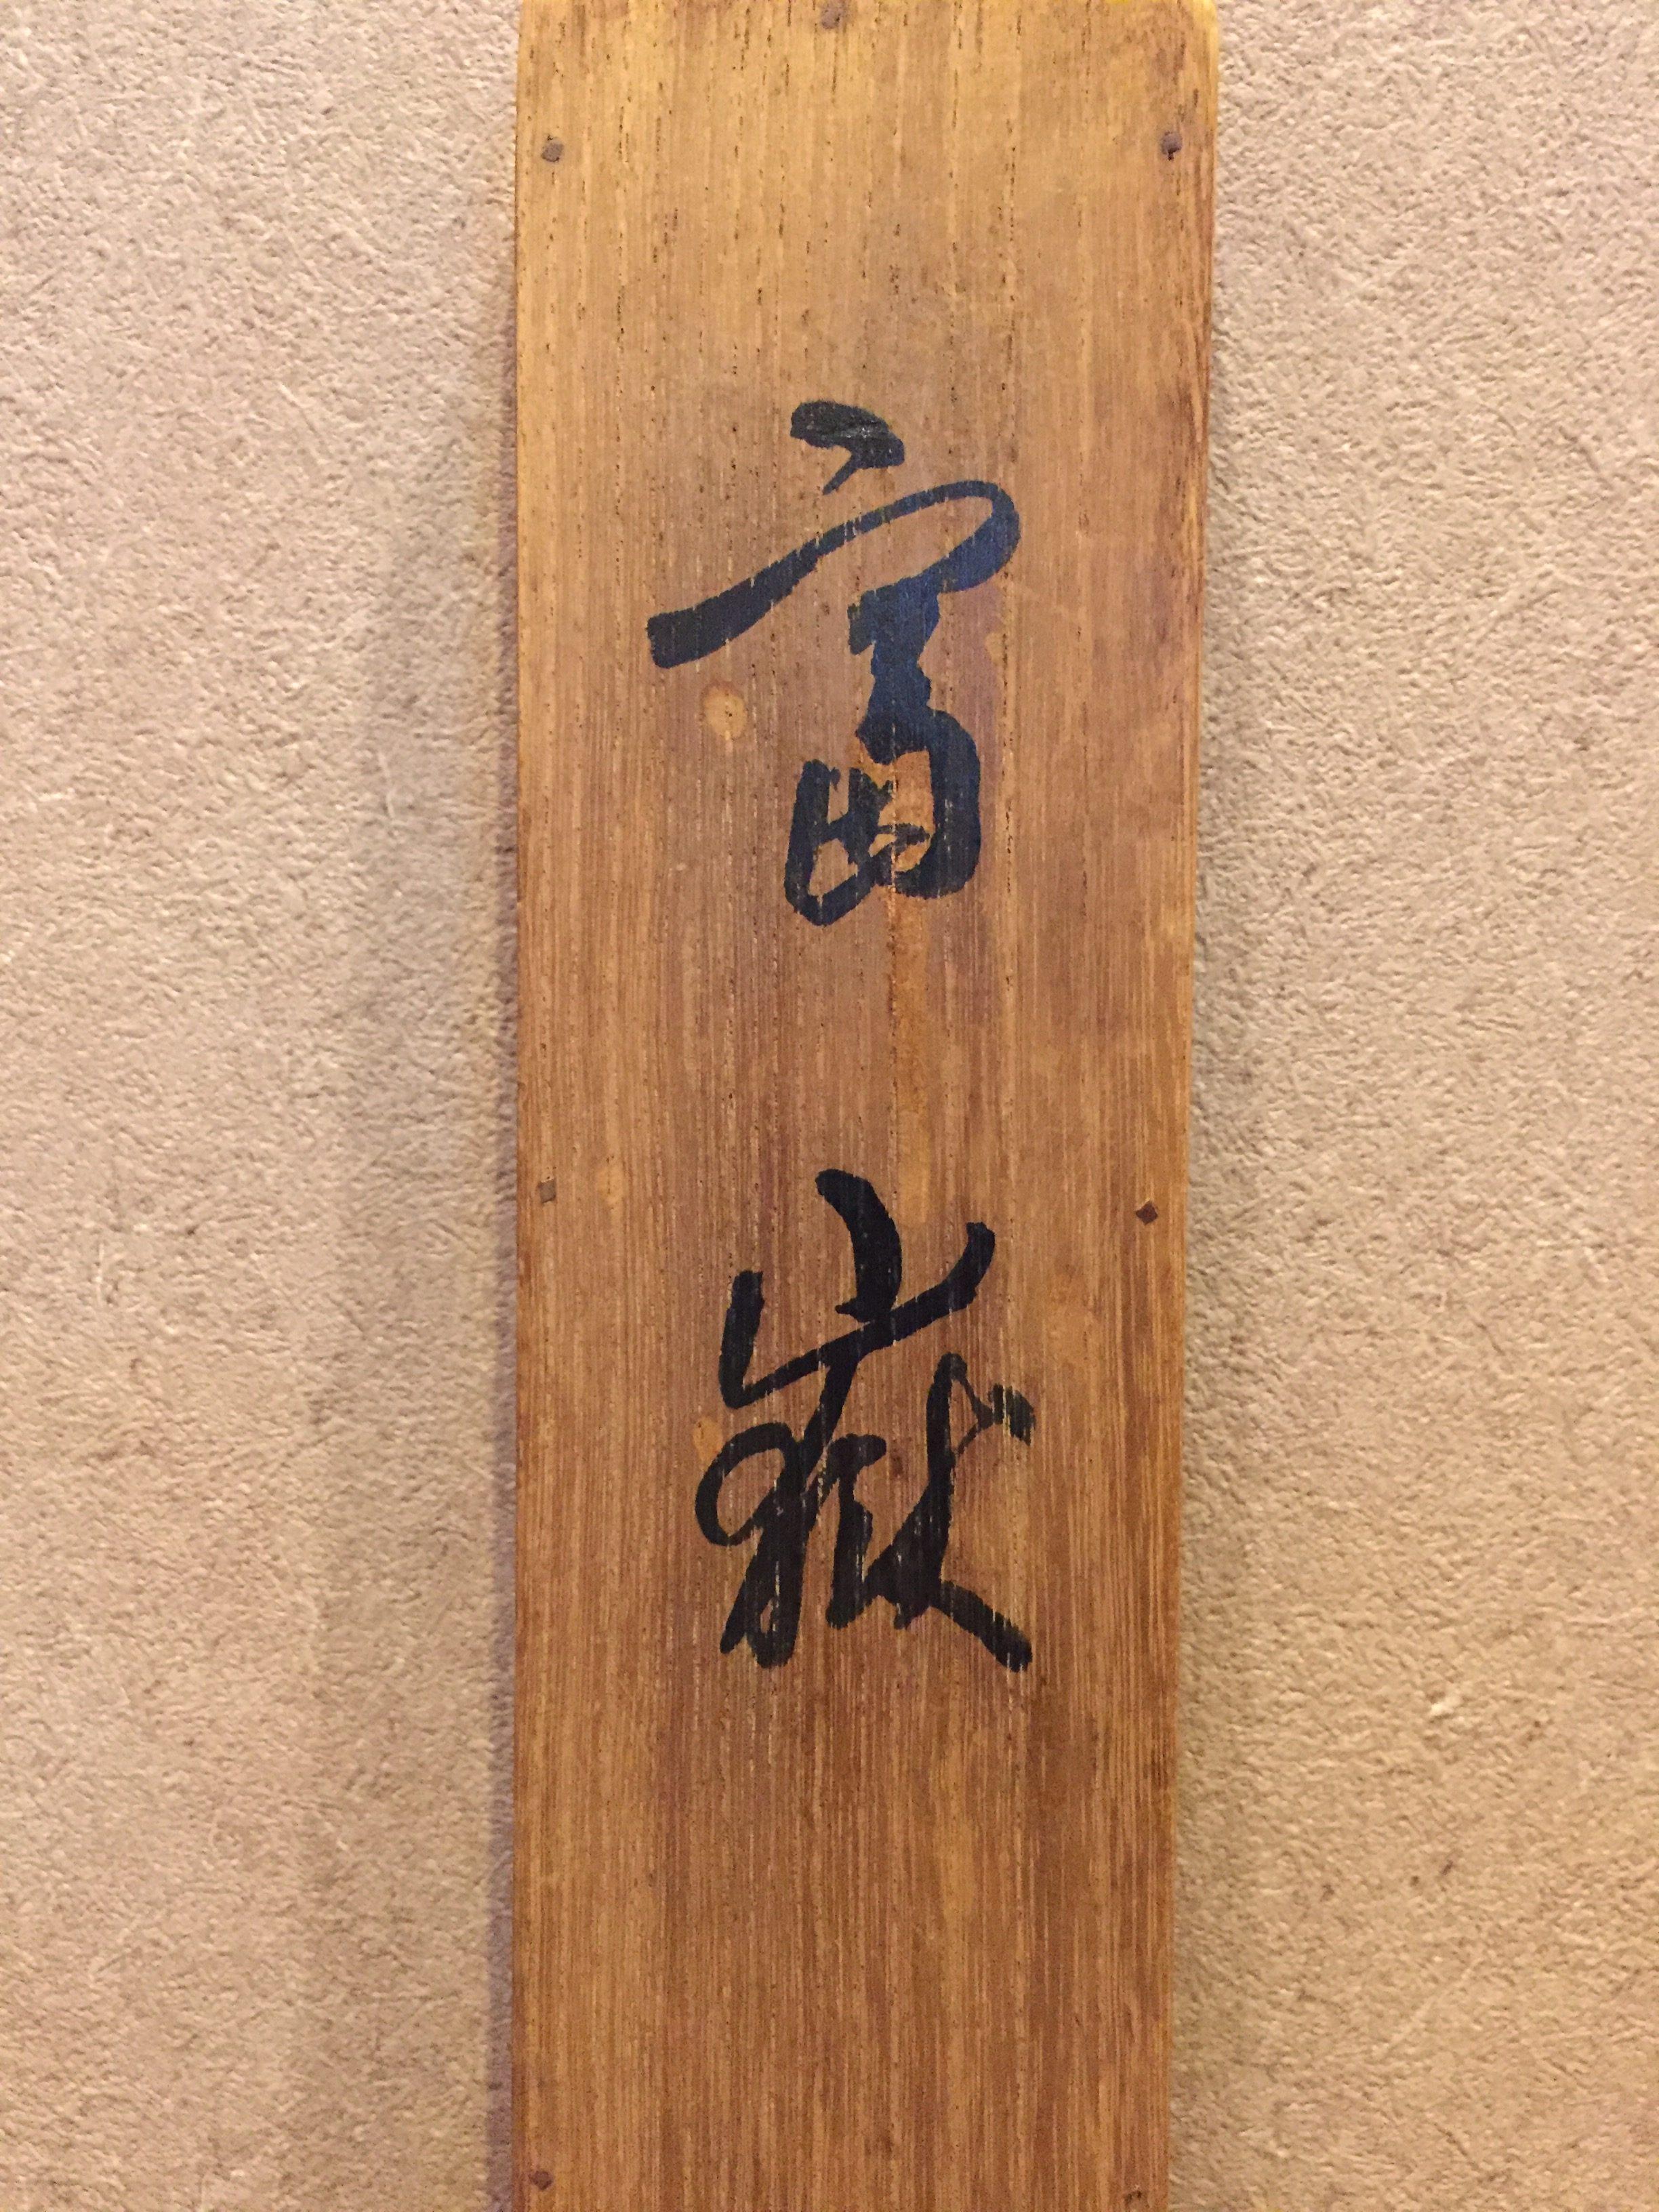 作者自身による題字:富岳